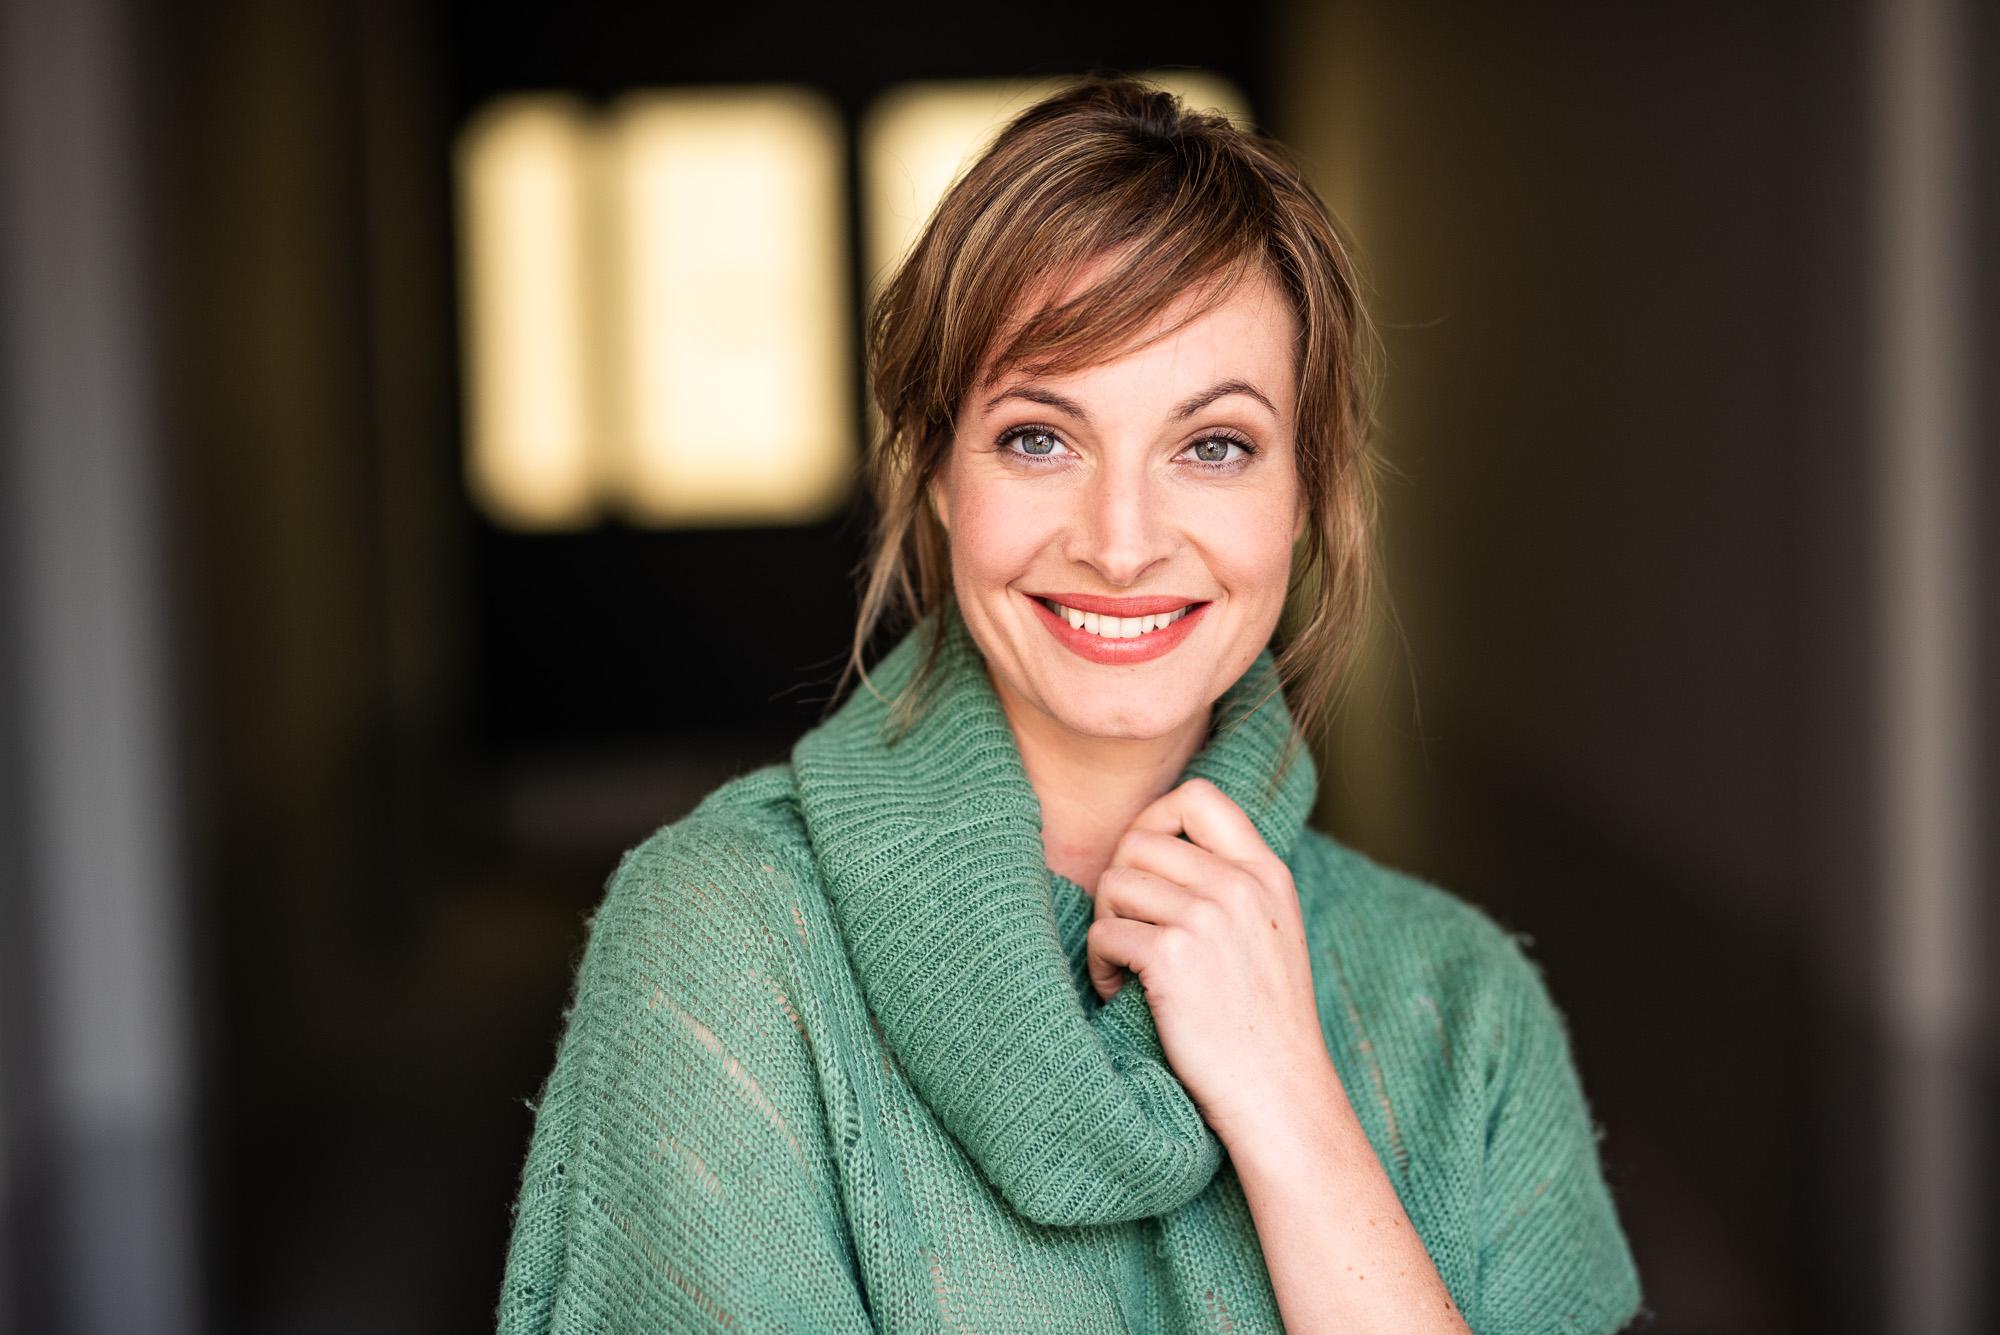 Die Schauspielerin Dagny Dewath stellt sich in ihrem Podcast den großen und kleinen Fragen der Klimakrise (Fotocredits: Alan Ovaska)